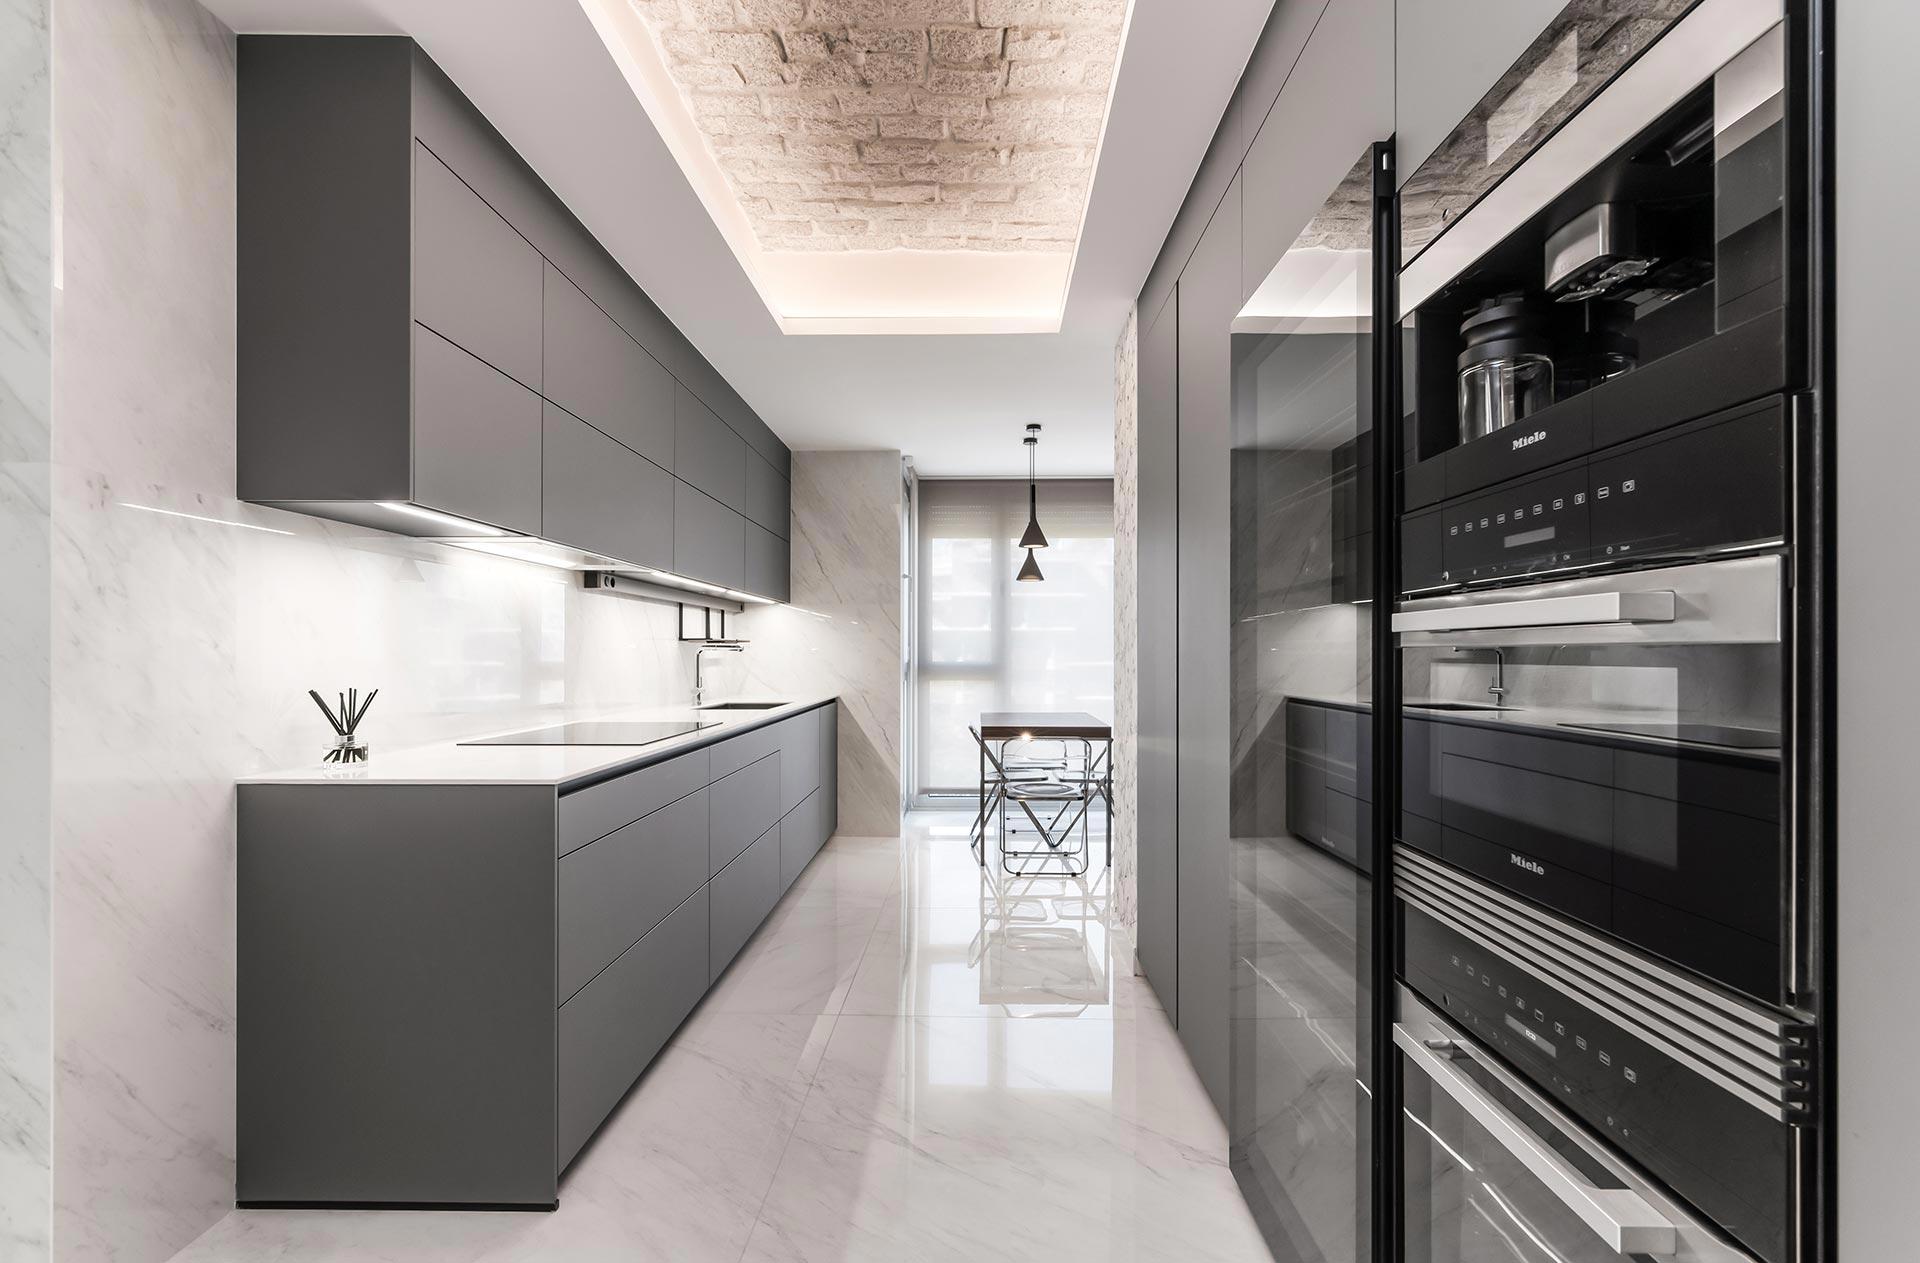 Cocina de lujo gris, suelo marmol